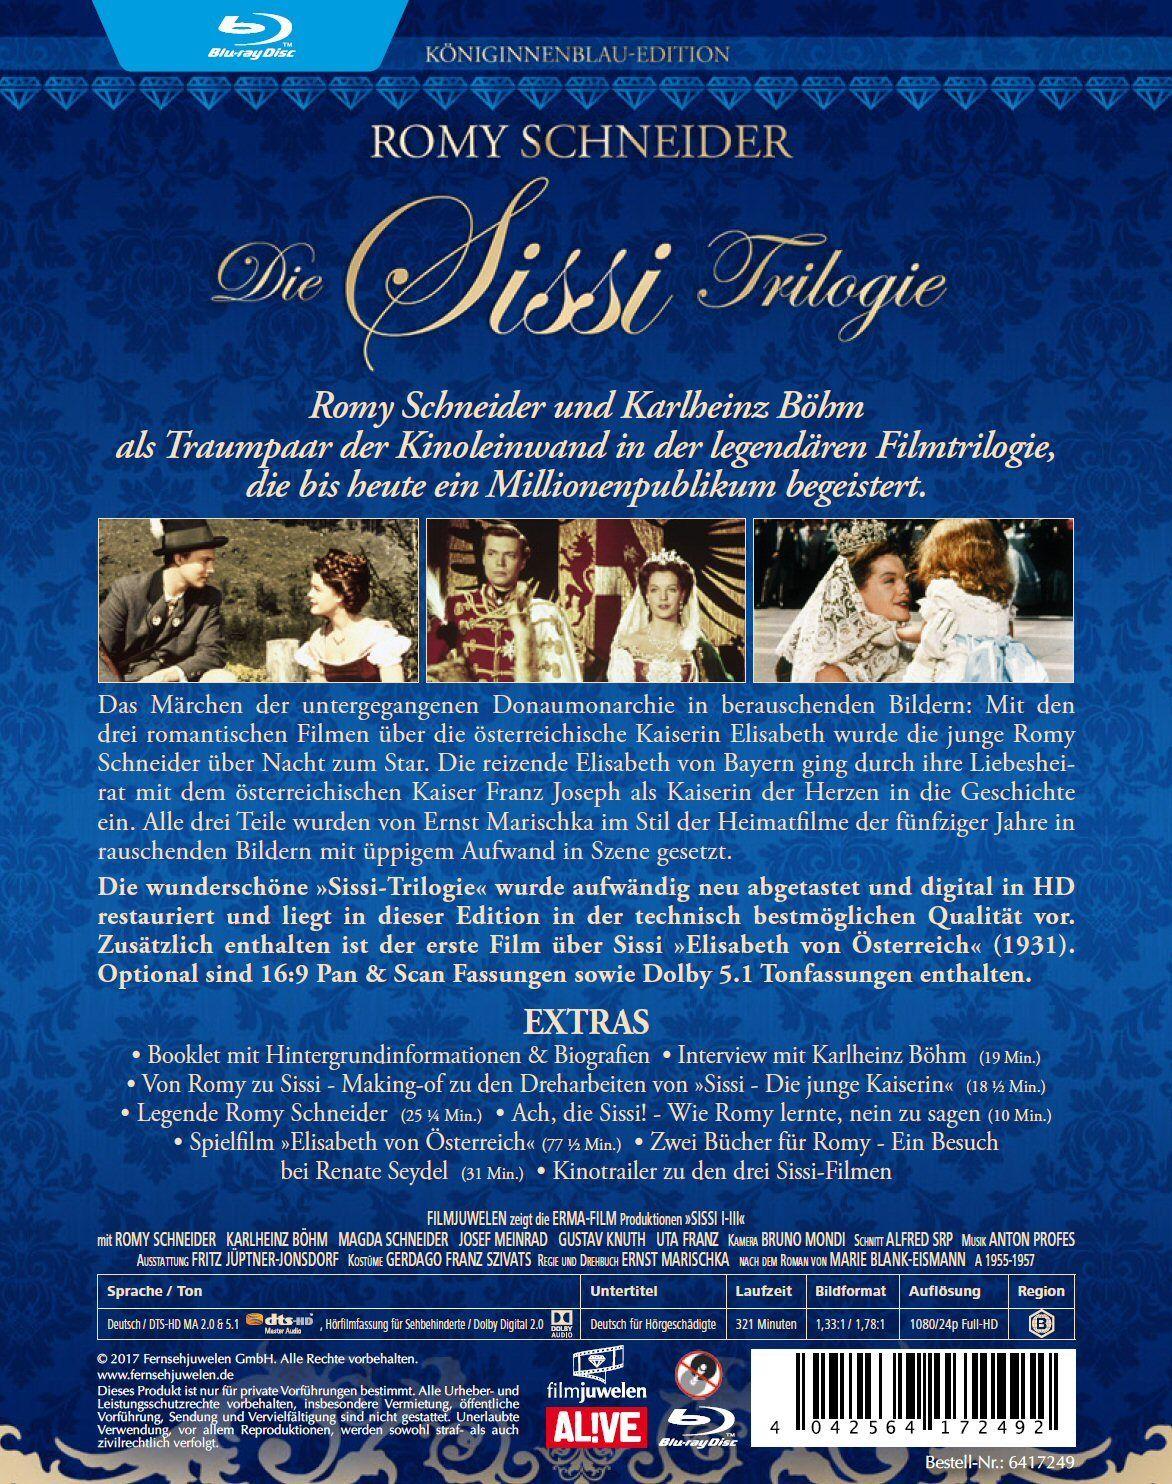 Sissi Trilogie (1-3) - Königinnenblau Edition - mit Romy Schneider [3 BLU-RAY's]